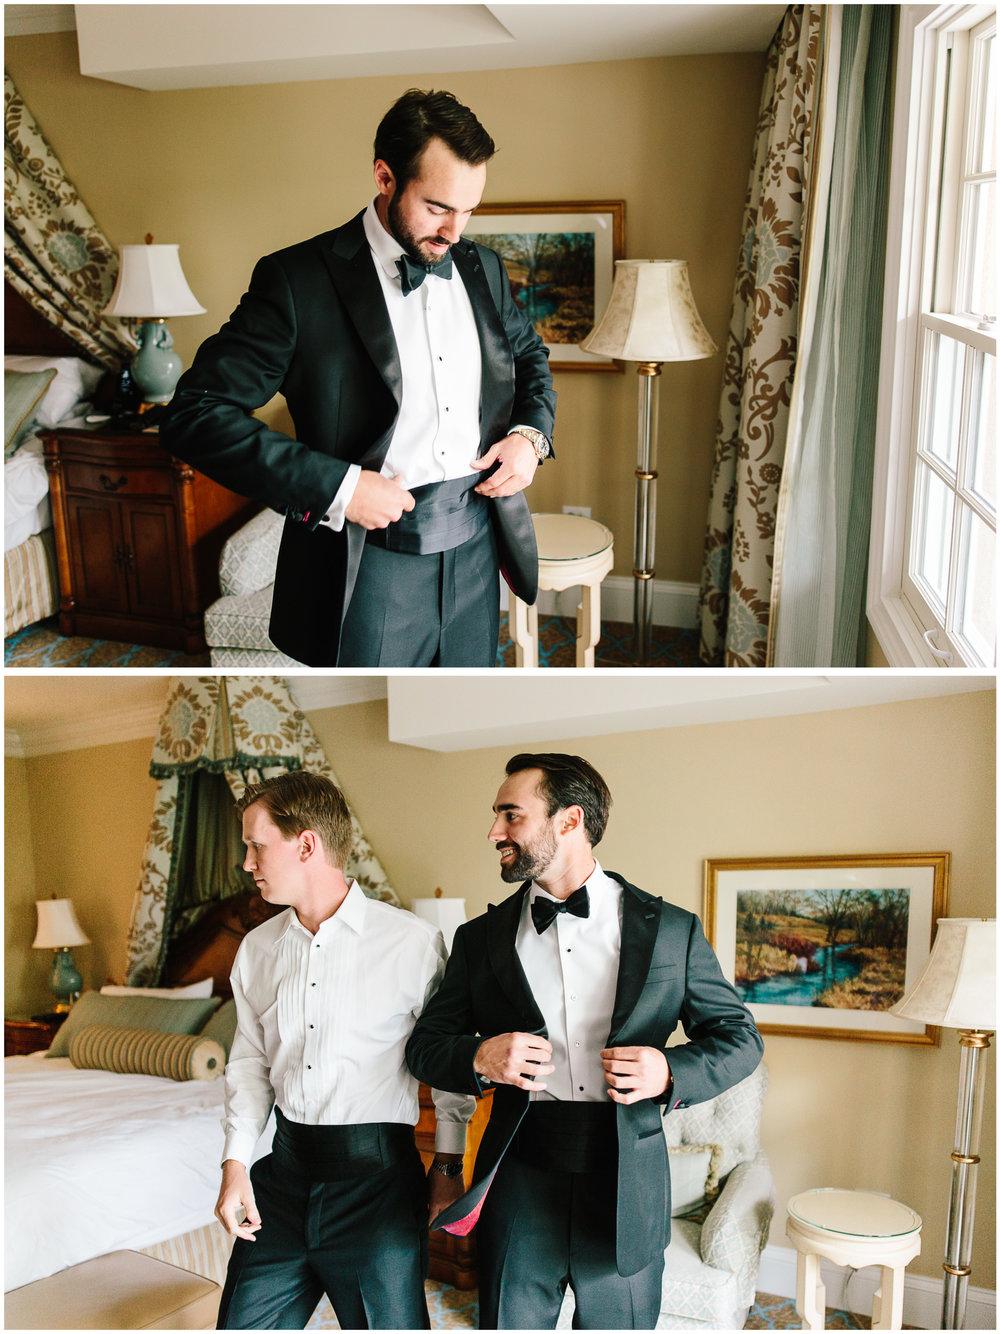 broadmoor_wedding_16.jpg